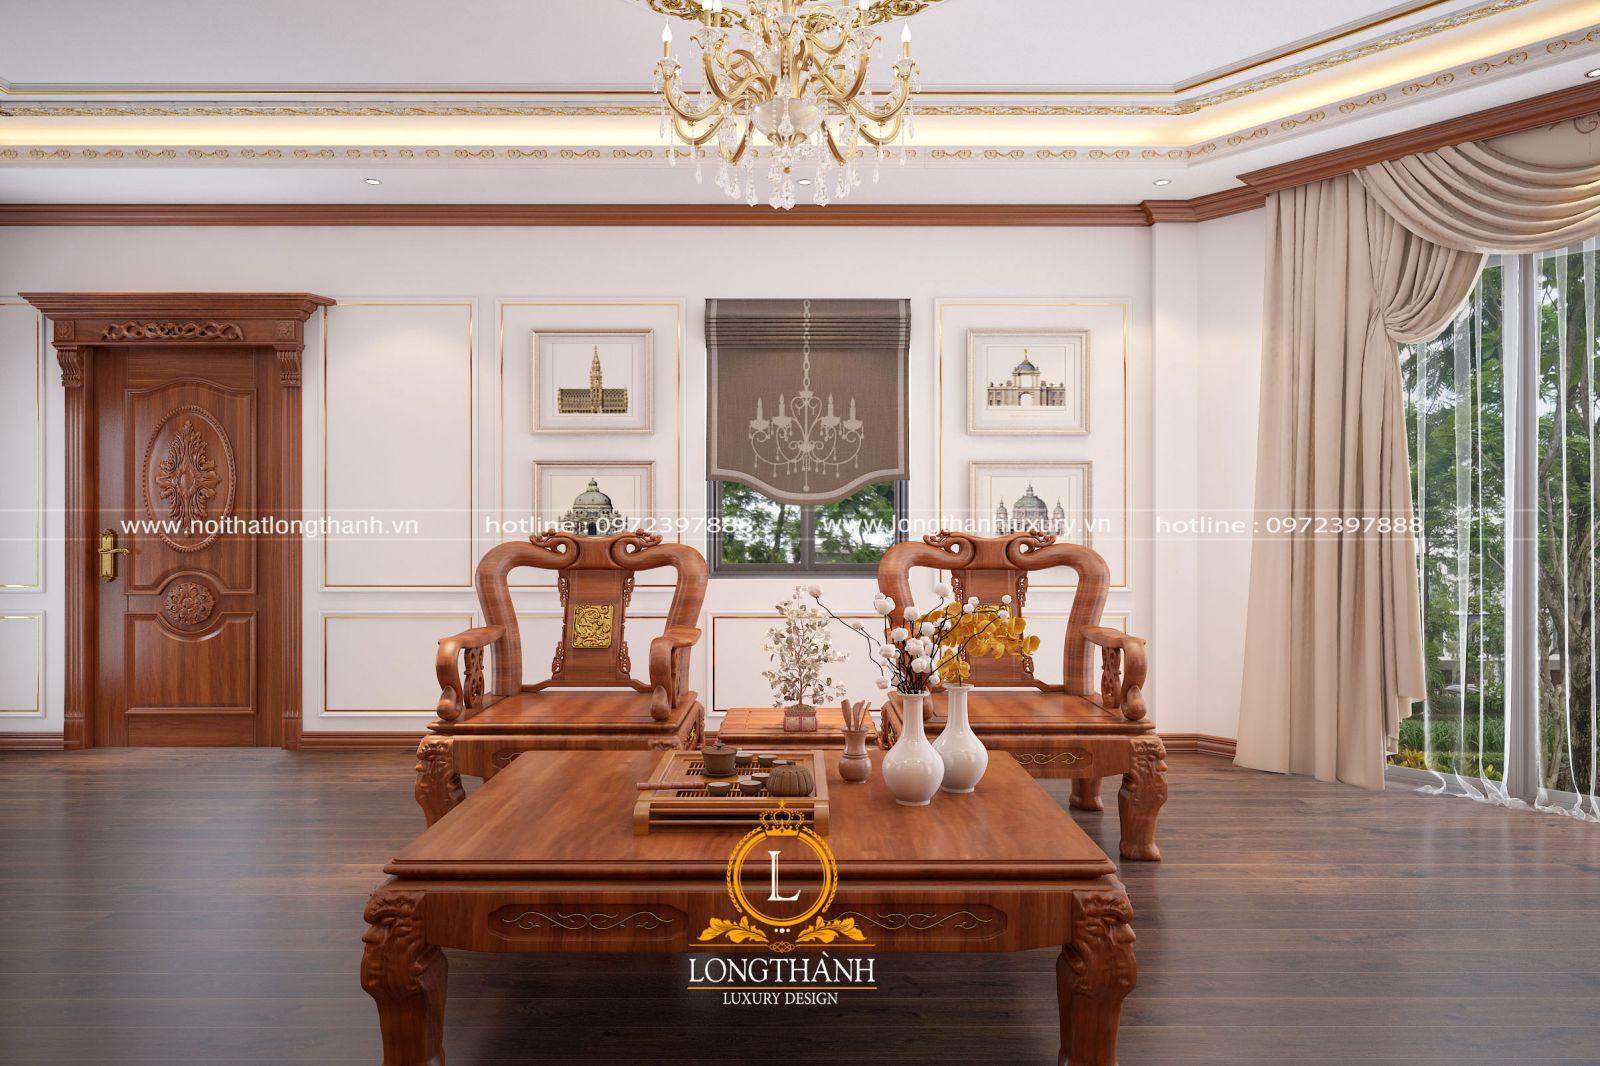 Thiết kế cửa tân cổ điển sang trọng hiện đại làm từ gỗ gõ đỏ